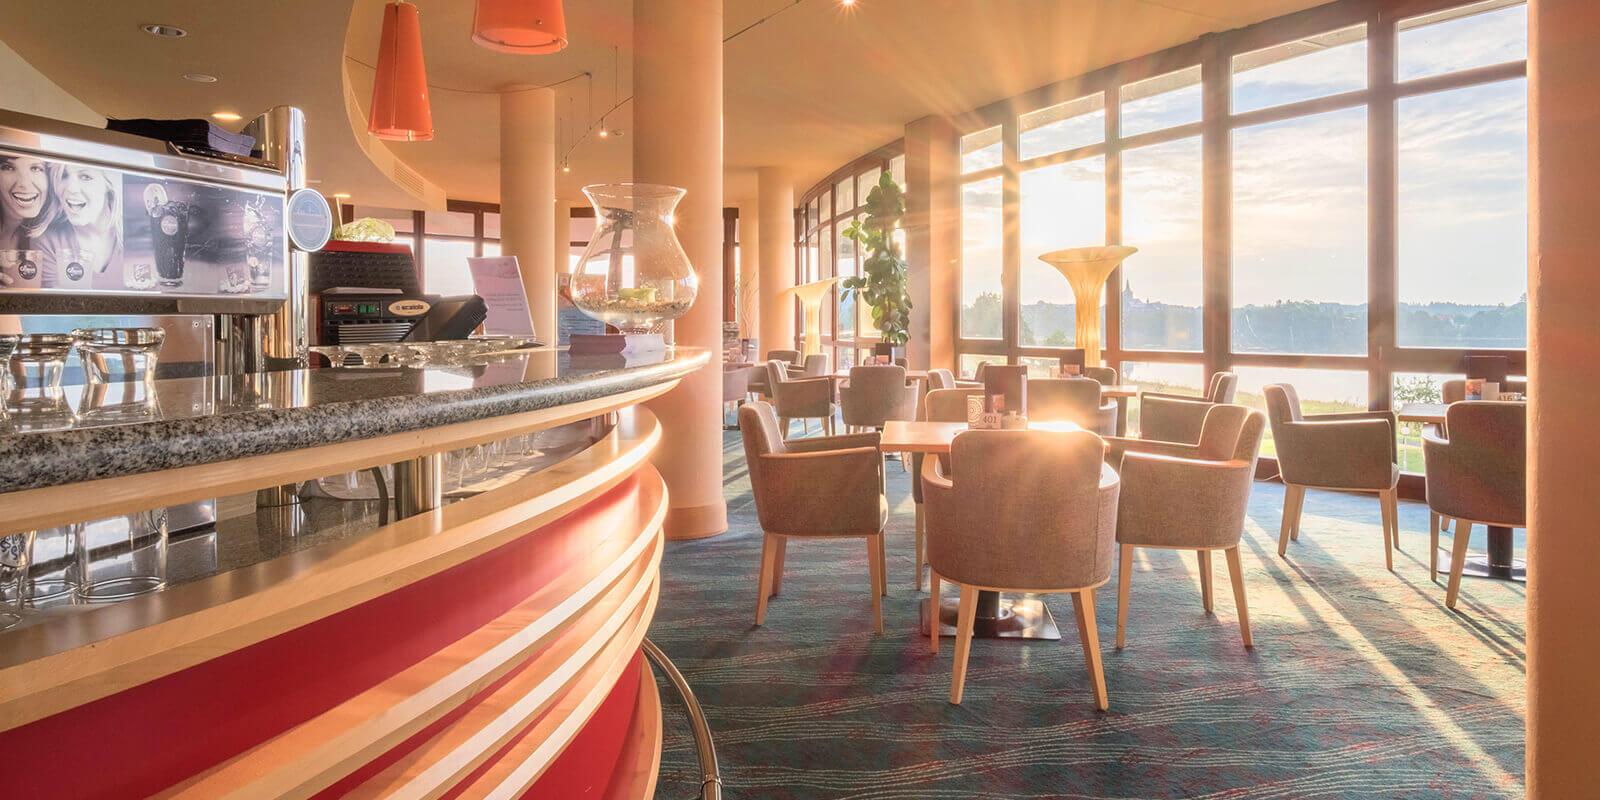 Genießen Sie die Aussicht in der lichtdurchfluteten Hotel-Lobby auf den Weißenstädter See.